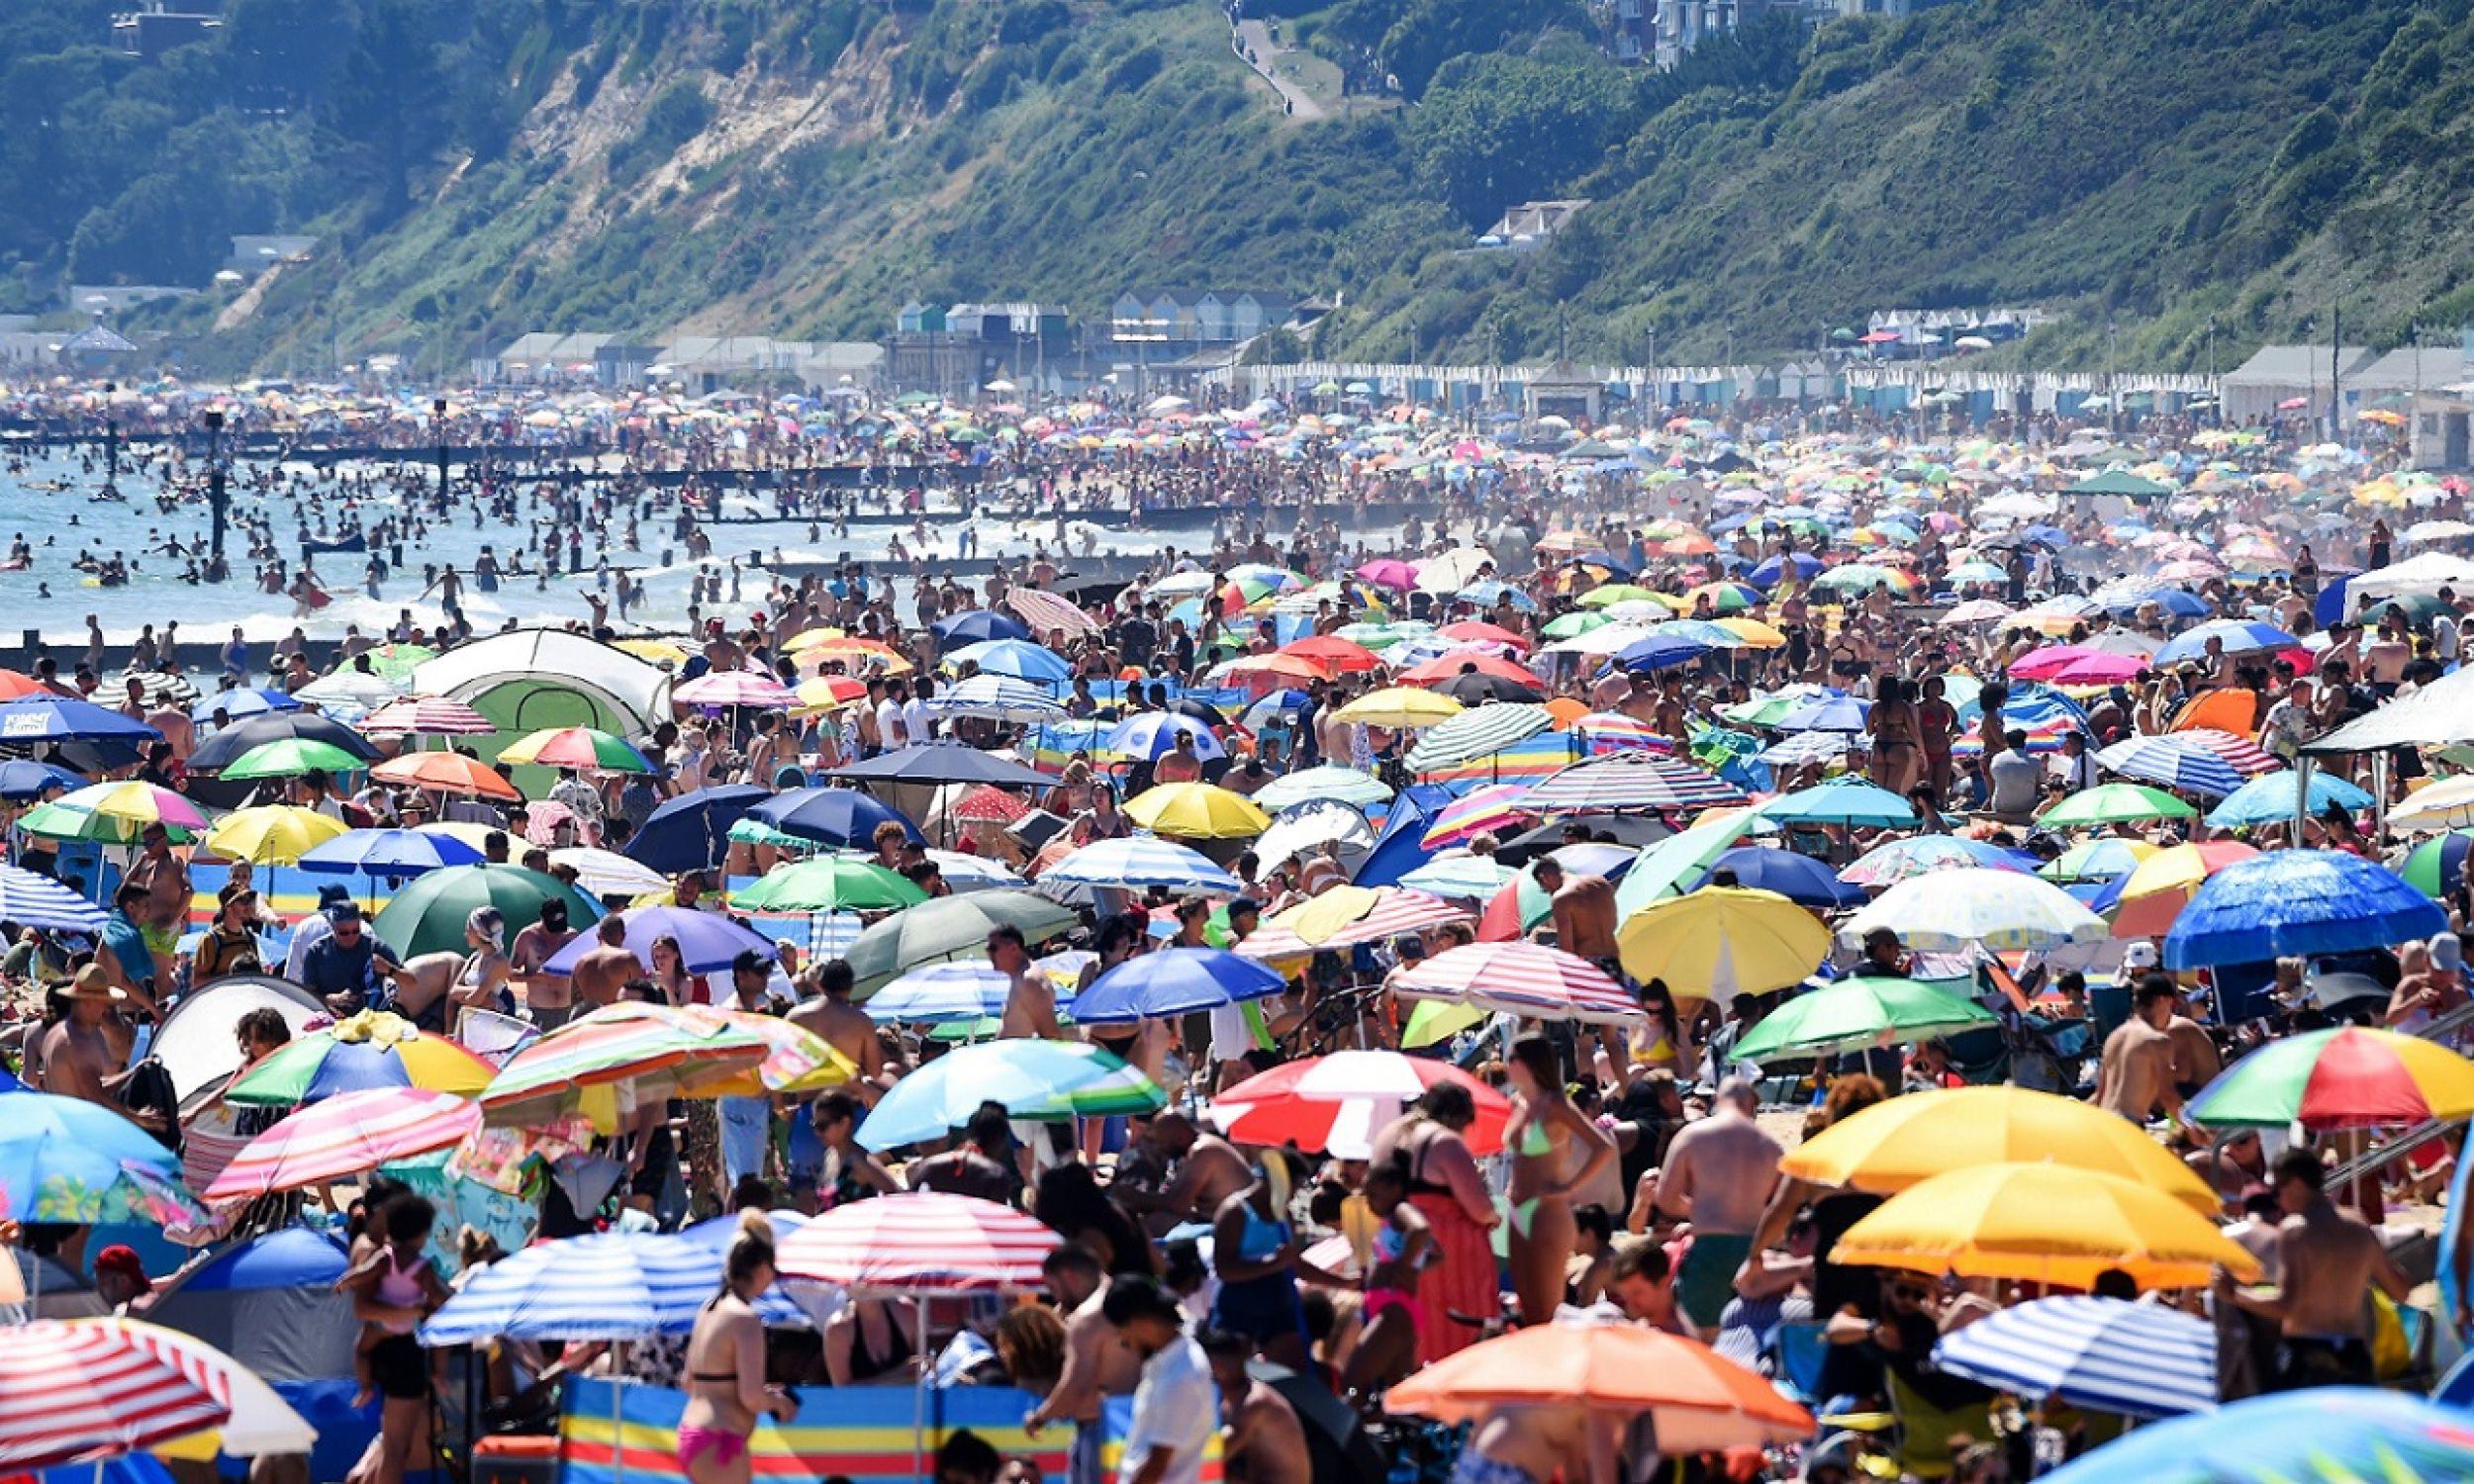 Plaża w brytyjskim Bournemouth, 25 czerwca 2020 roku. Tego dnia w Wielkiej Brytanii odnotowano 1118 nowych zachorowań i 149 śmierci. Ale była też wysoka temperatura, podobna do tej w Polsce: powyżej 30 ° C. Upał skłonił więc Brytyjczyków do wyjścia na plaże. Fot. Finnbarr Webster / Getty Images